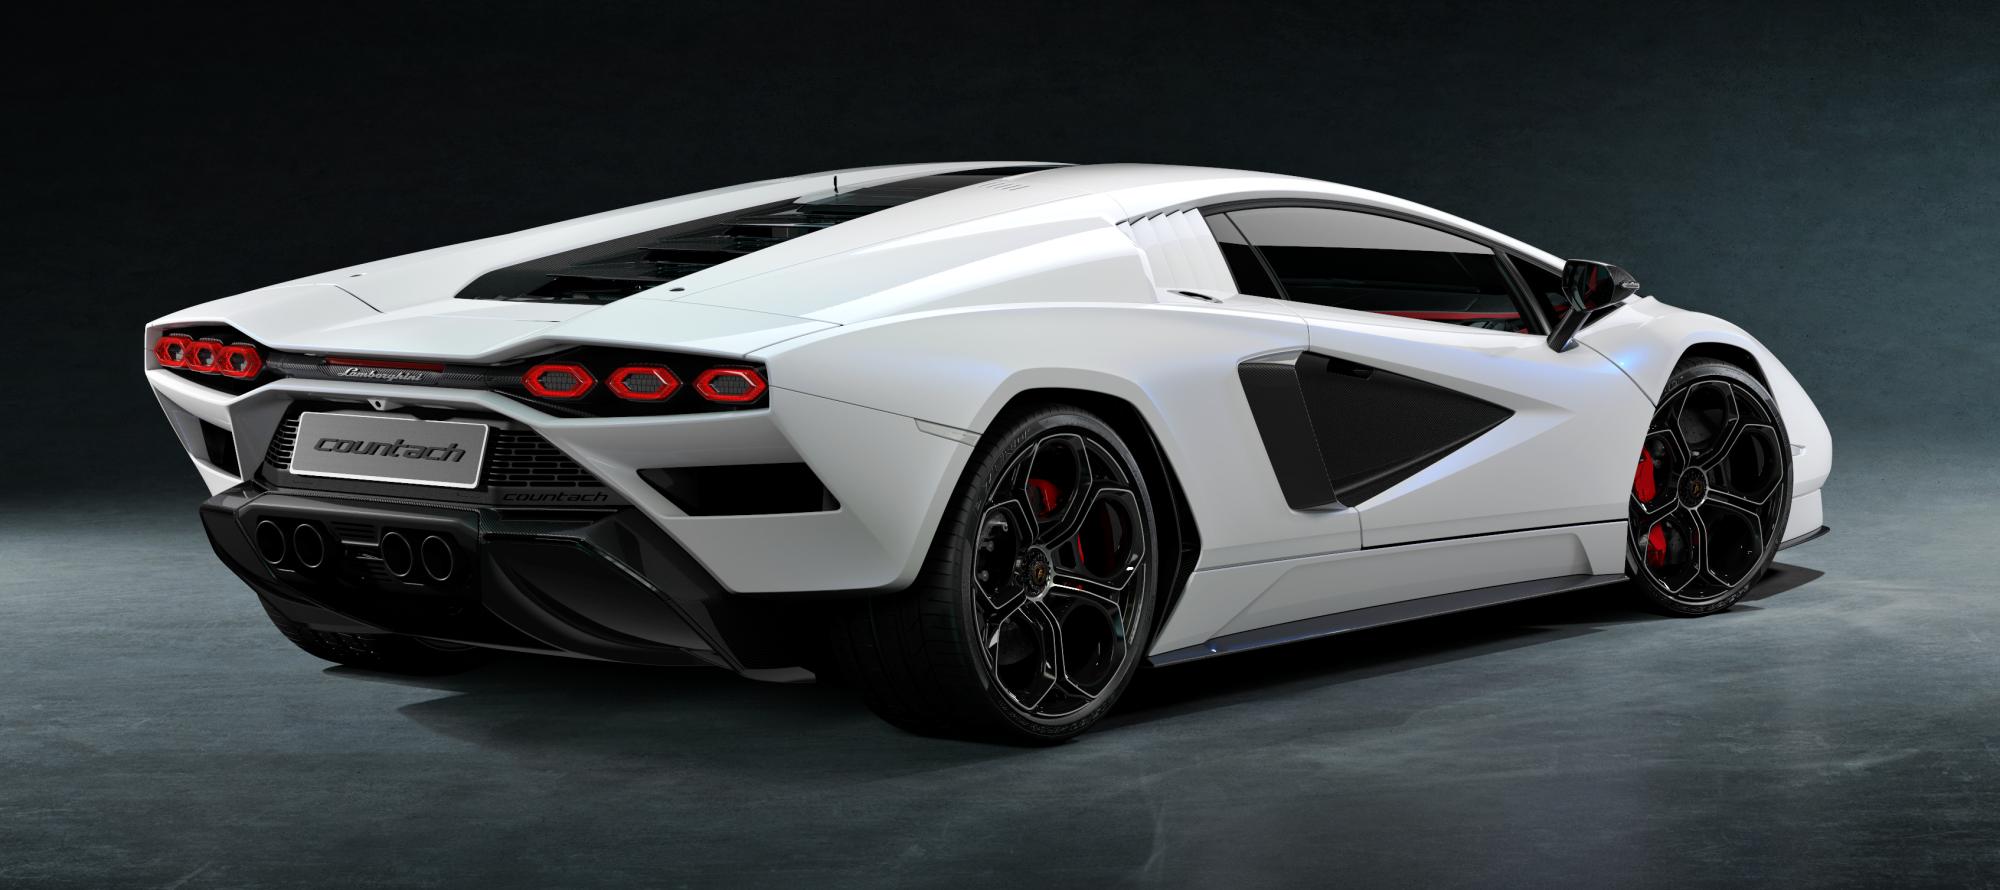 Lamborghini Countach LPI 800-4 tył